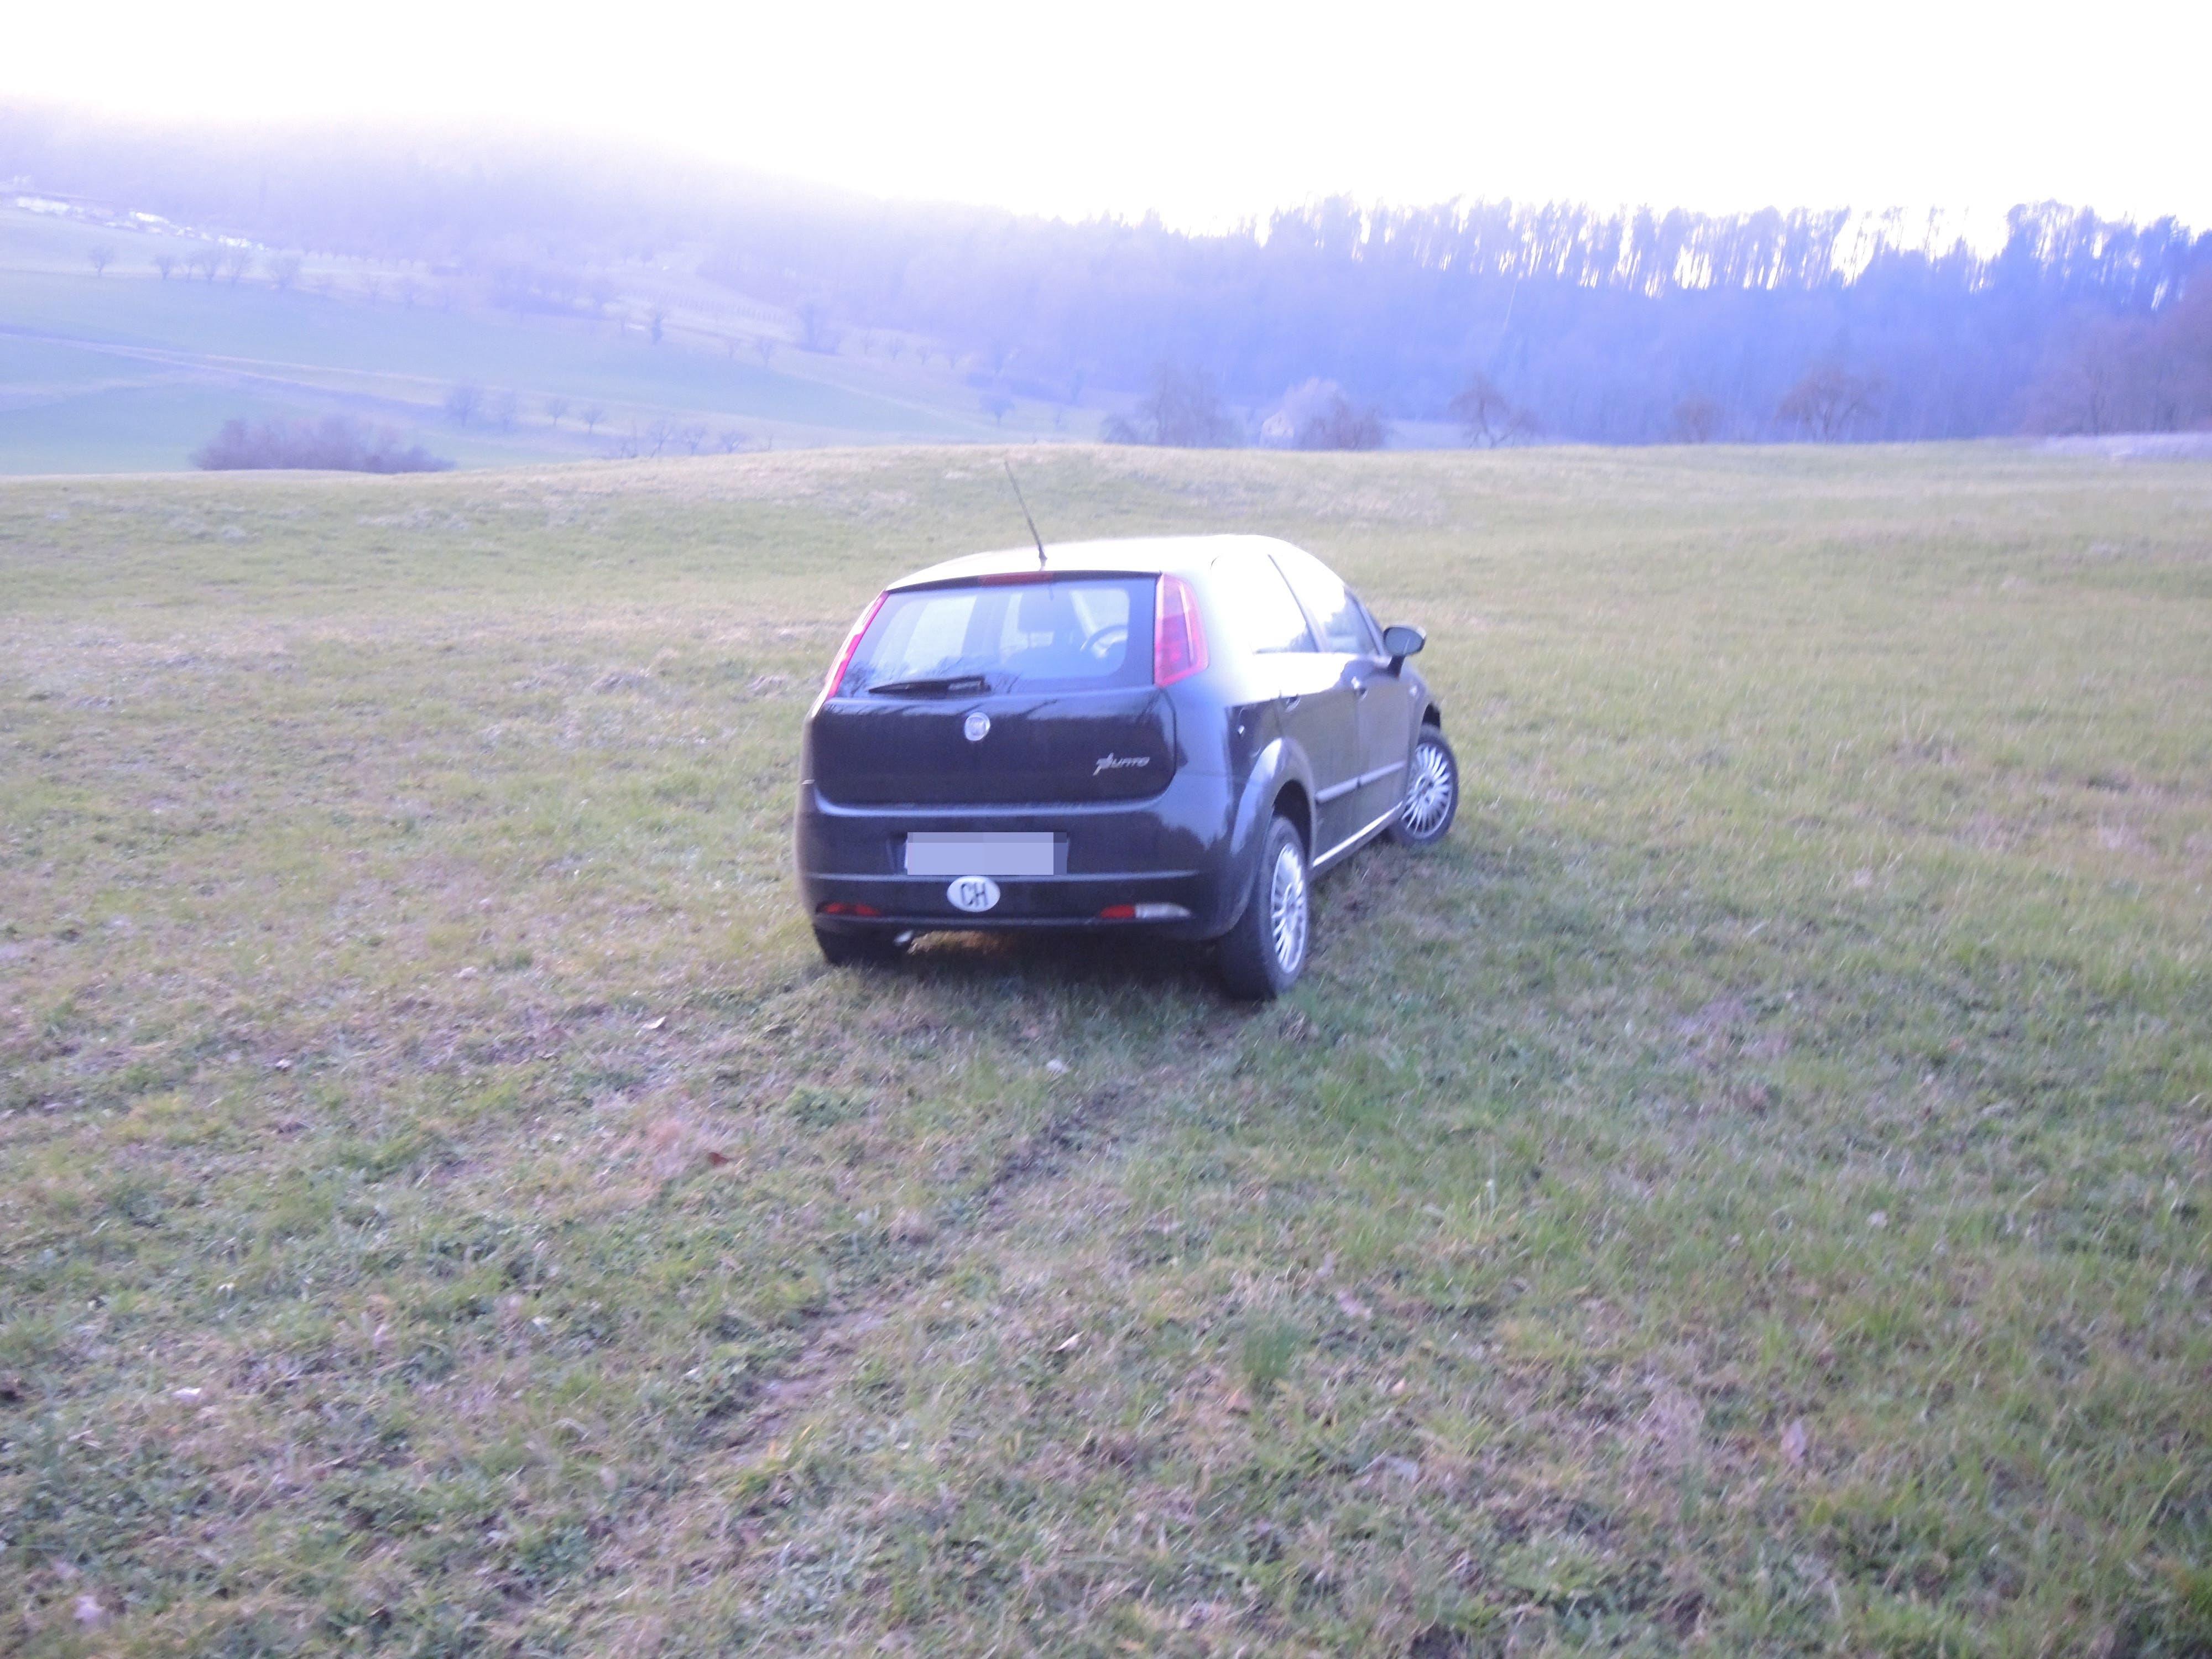 Bilder der Kantonspolizei Aargau zum Ausweichmanöver und Fahrzeugschaden in Will am 01.03.21